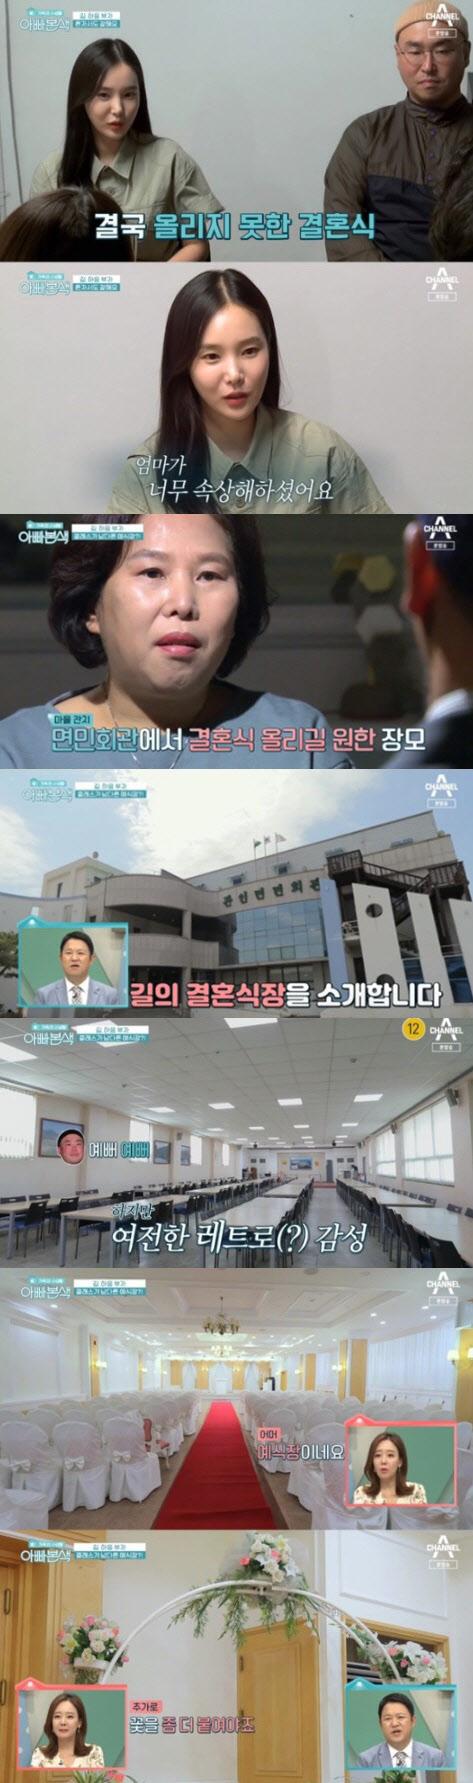 """길, 예식장 """"레트로풍 면민회관"""""""